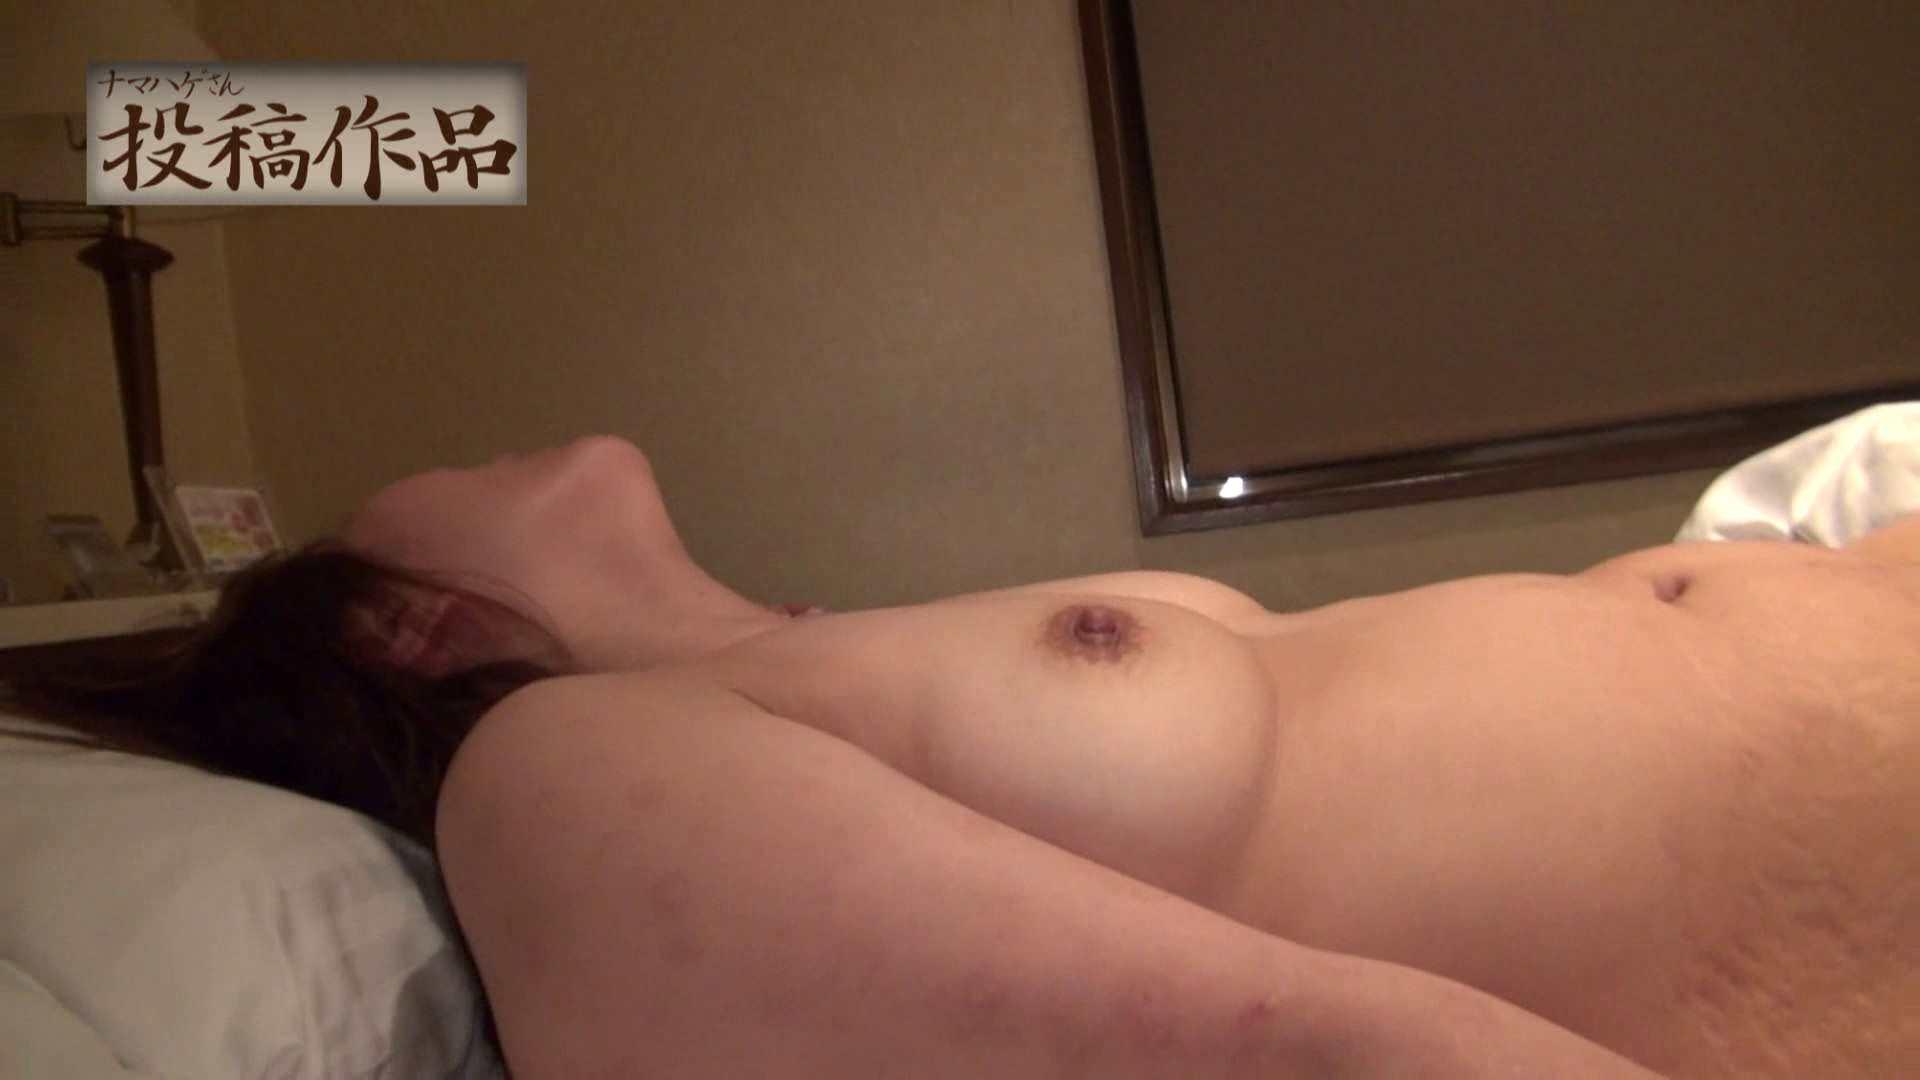 ナマハゲさんのまんこコレクション第二章 nobu 02 投稿  93pic 14